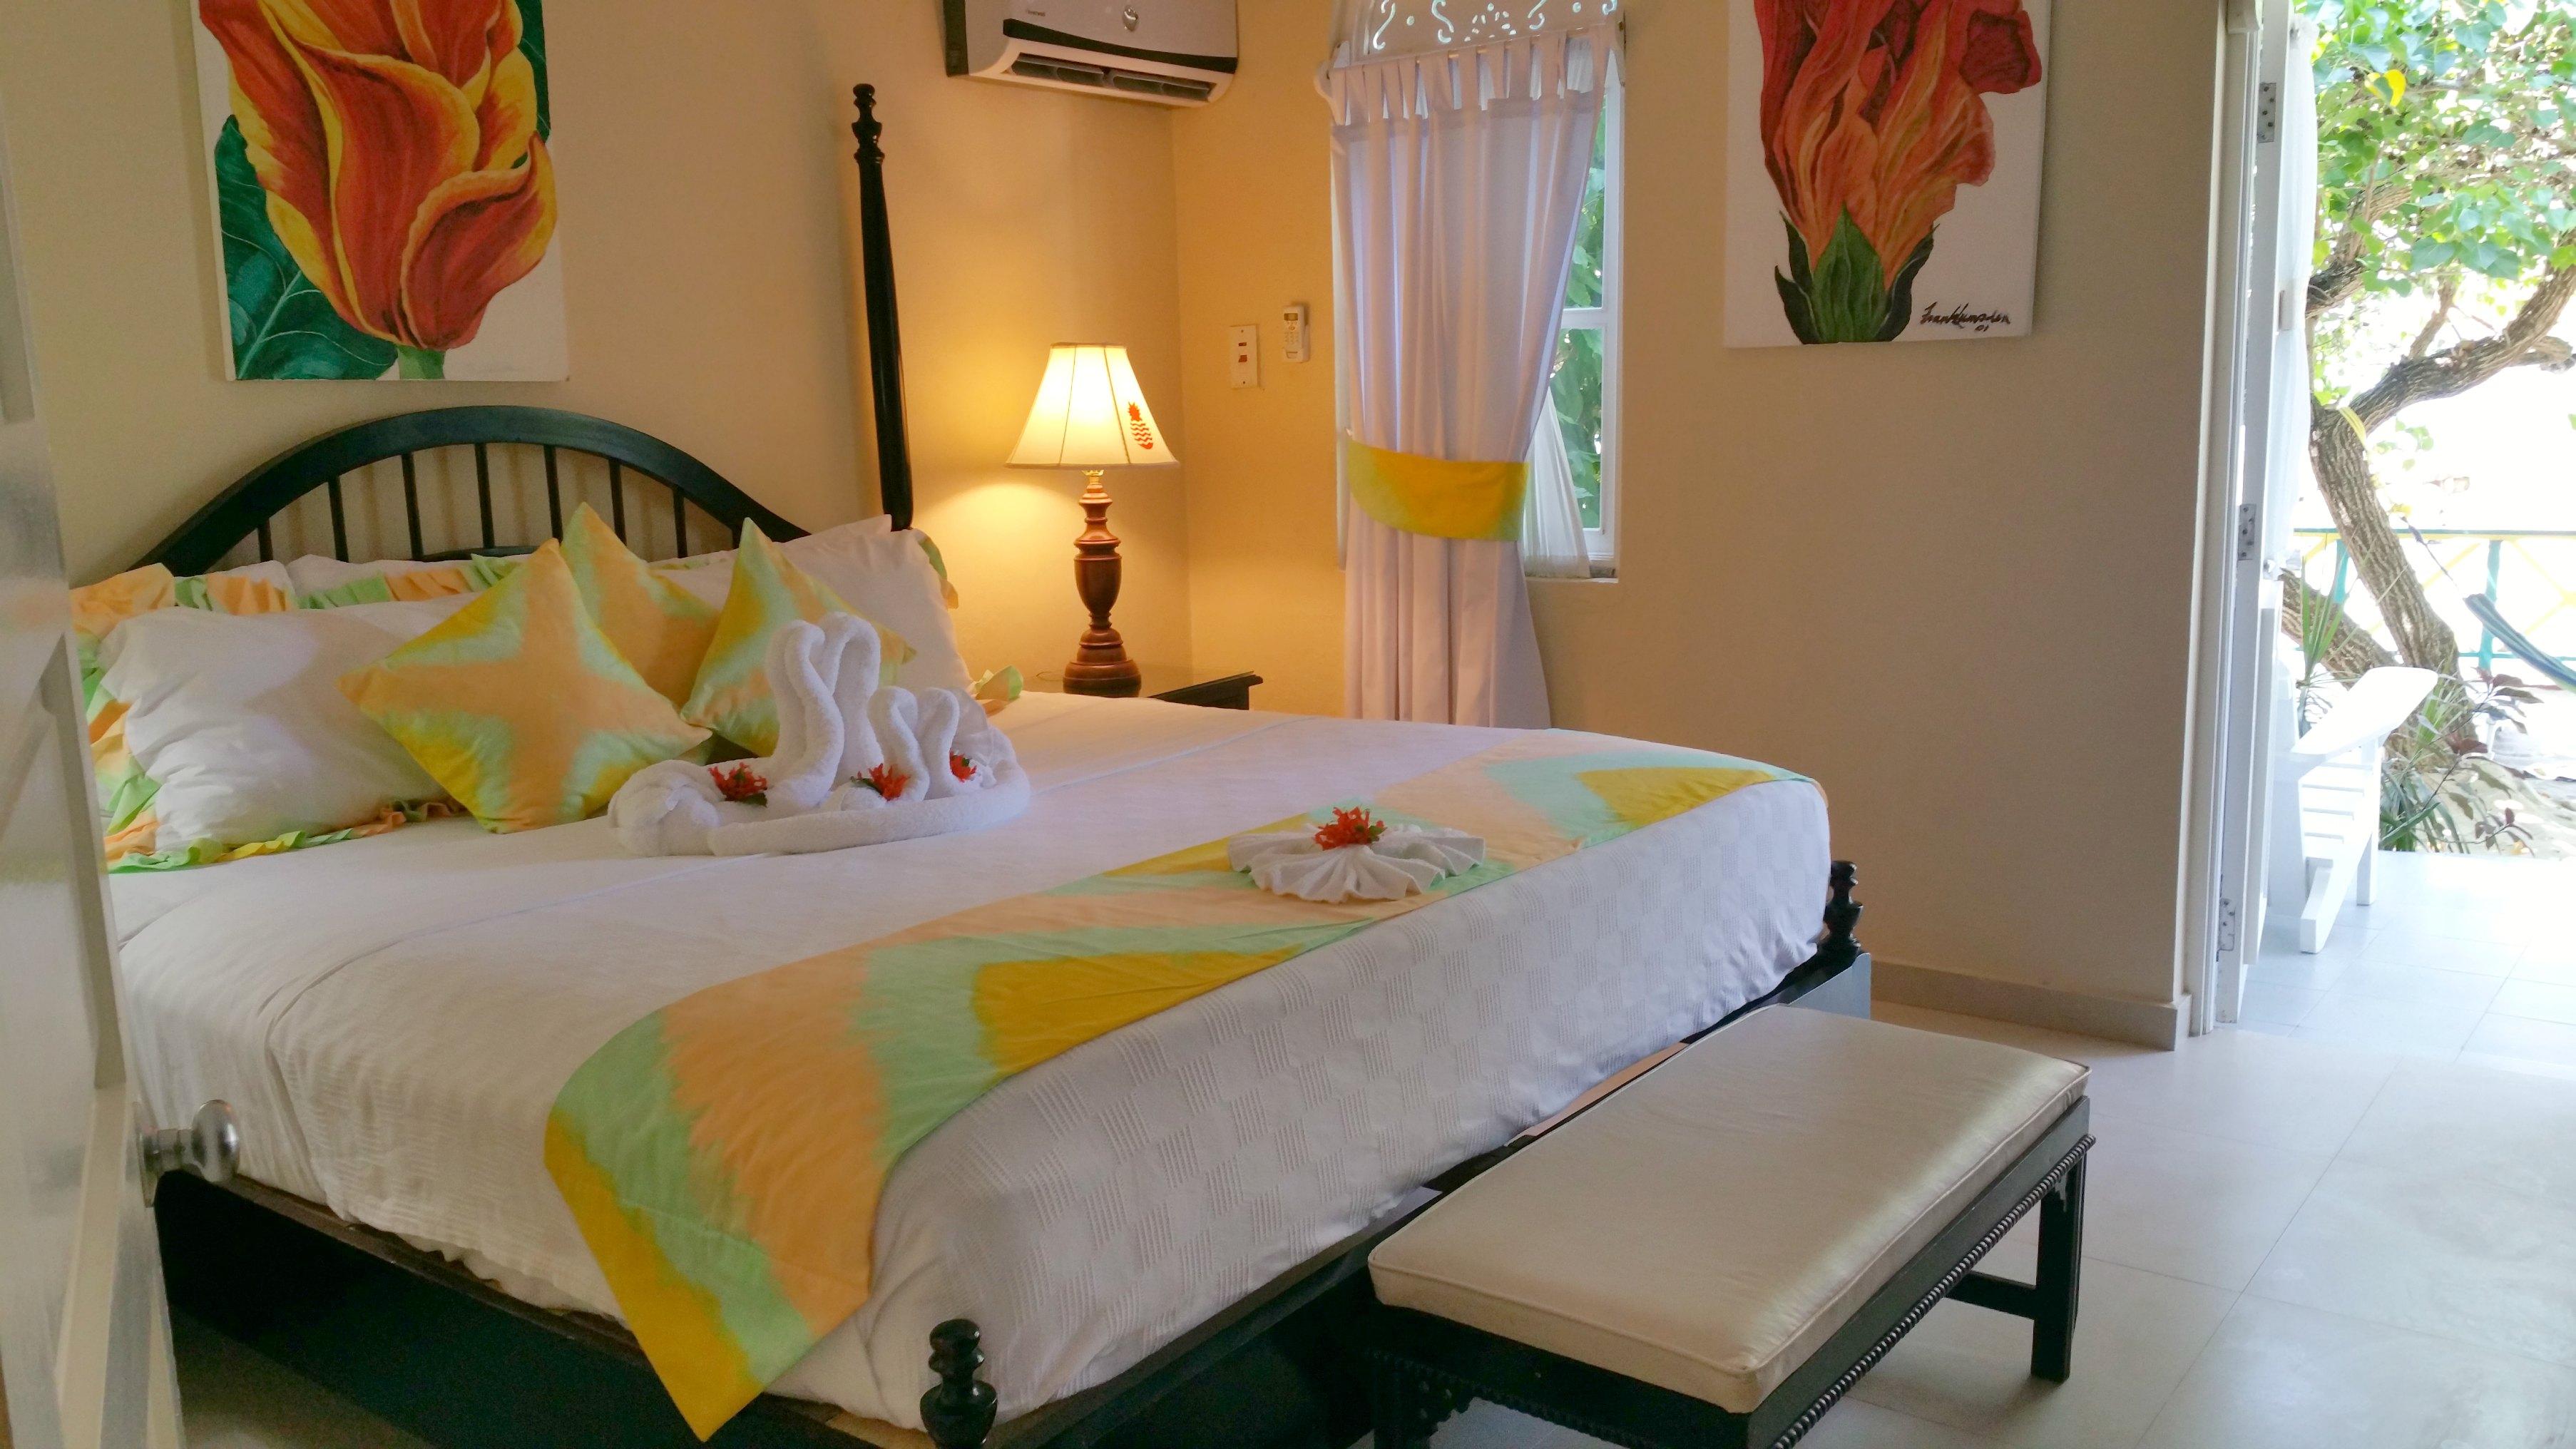 fdr master bedroom